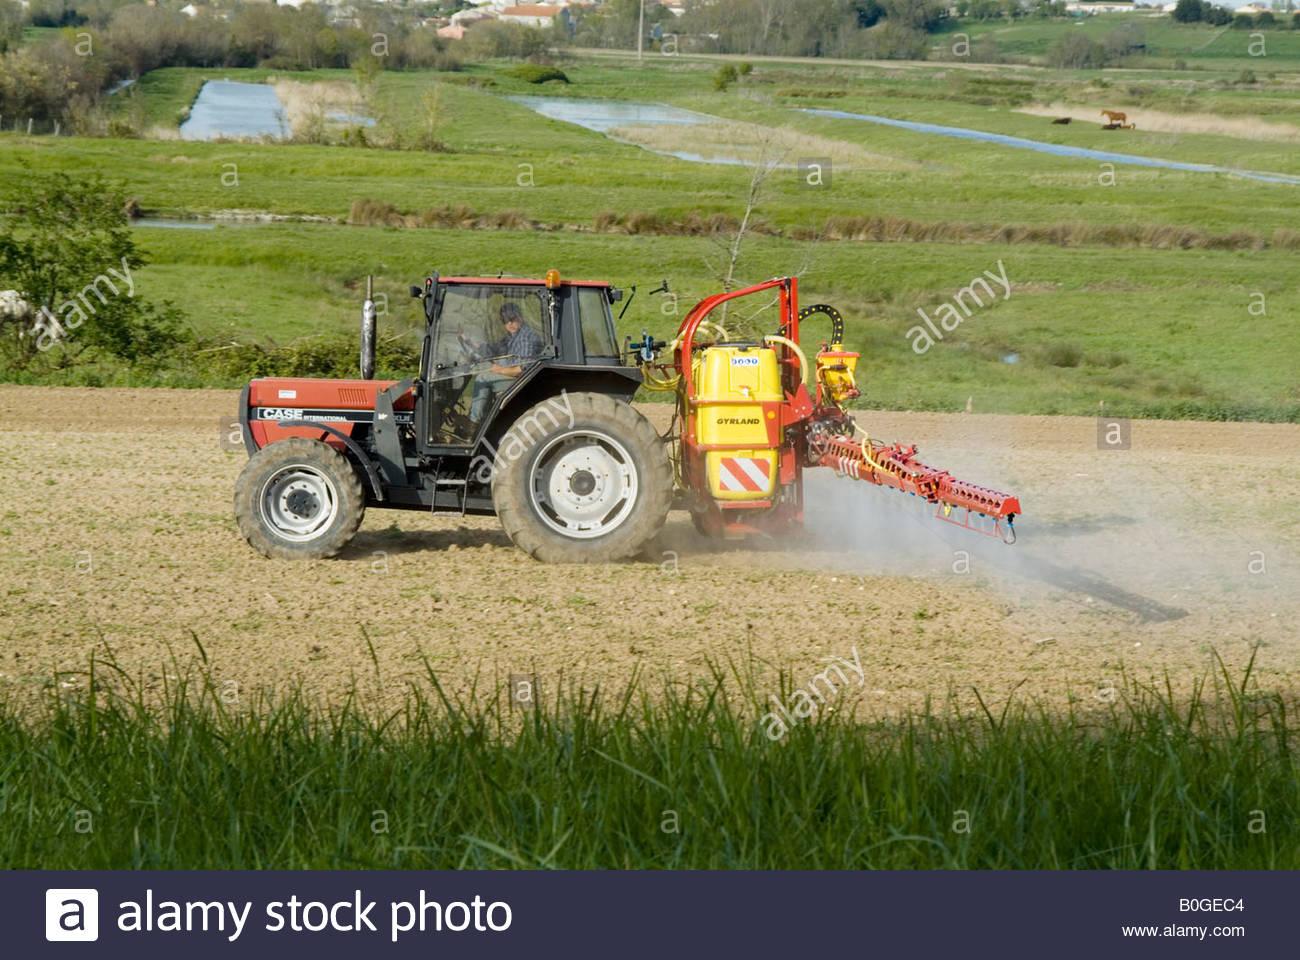 tractor spraying pesticide fertilizer tank sprayer crop agri chemical  agrichemical agriculture farm farming farmer defra maff